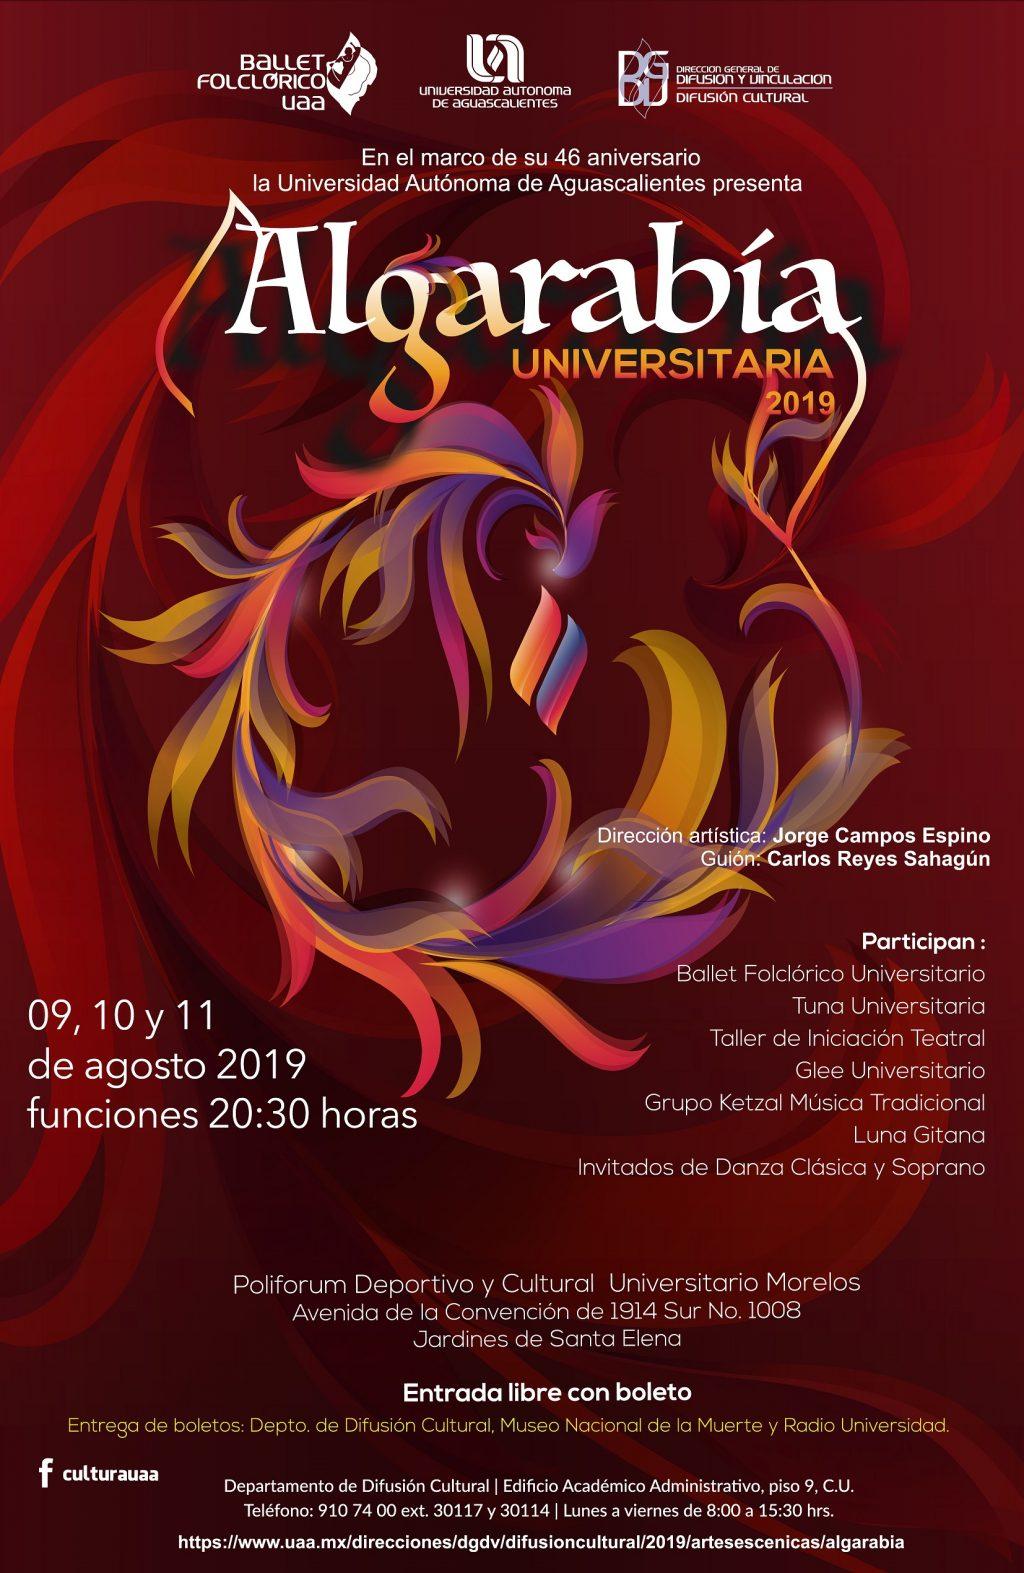 UAA invita al espectáculo multidisciplinario Algarabía Universitaria 2019